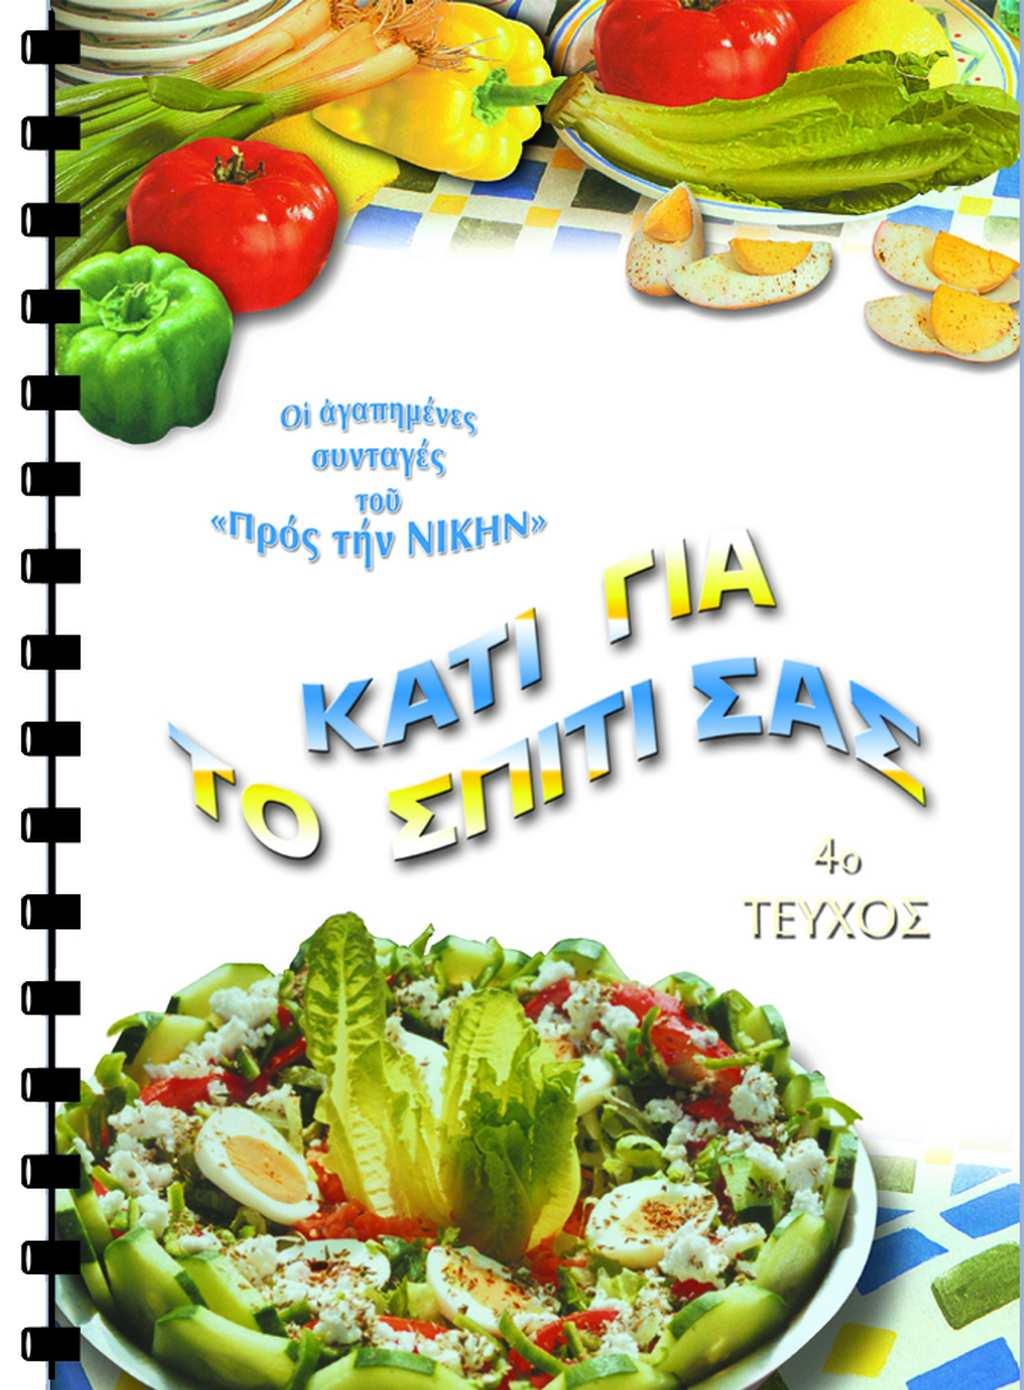 Συνταγές ΚΑΤΙ ΓΙΑ ΤΟ ΣΠΙΤΙ ΣΑΣ ΤΟΜΟΣ Δ΄